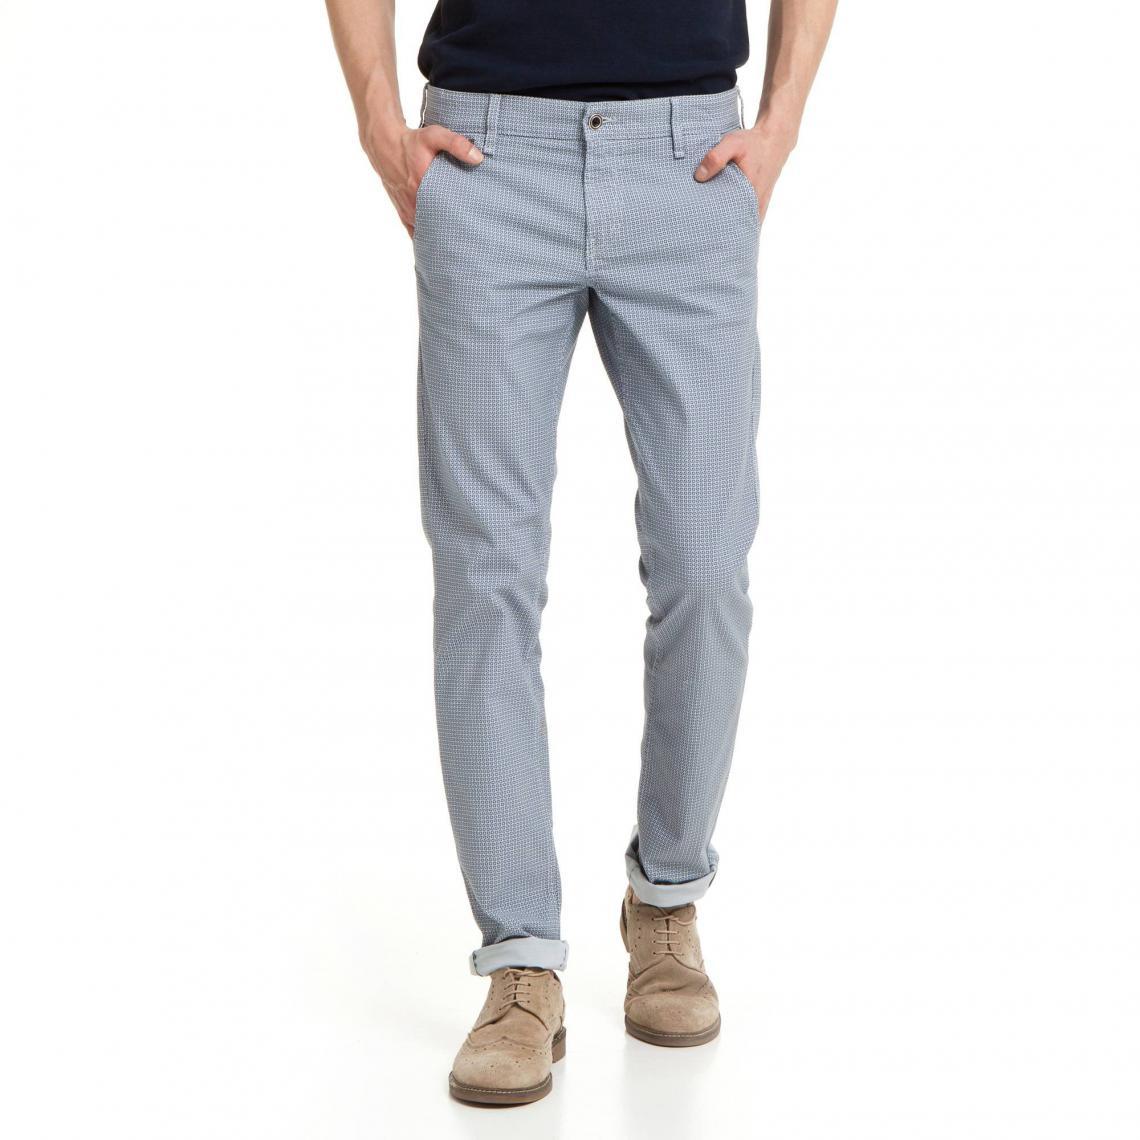 vente chaude authentique site autorisé grande collection Pantalon skinny imprimé graphique homme Myron Guess - Bleu ...